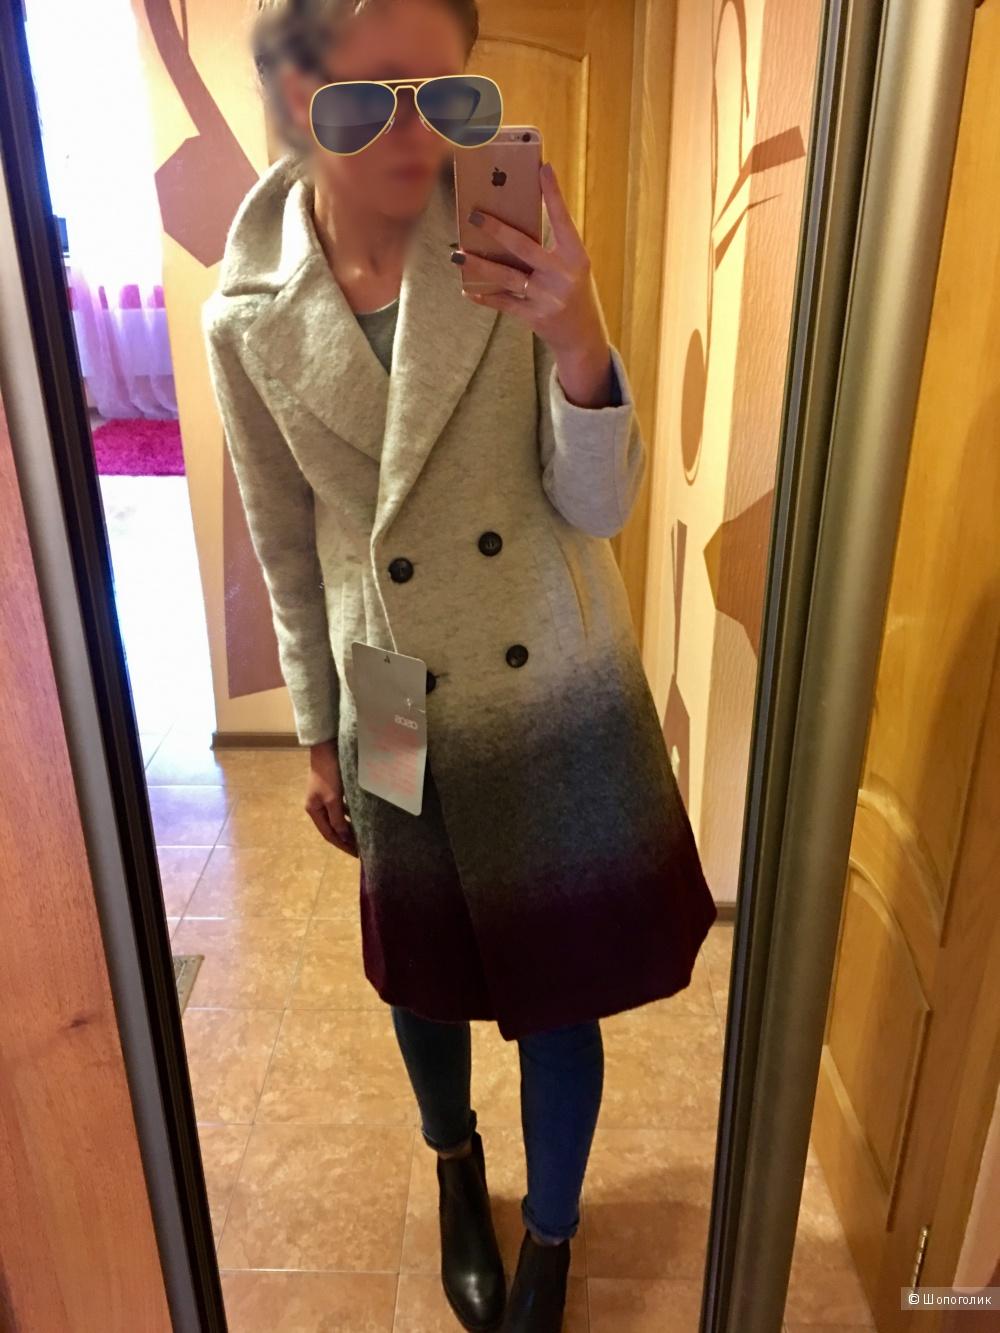 Продаю теплое пальто с ASOS, 40 размер евро (44-46 рос)! Все этикетки сохранены, абсолютно новое, не ношенное.